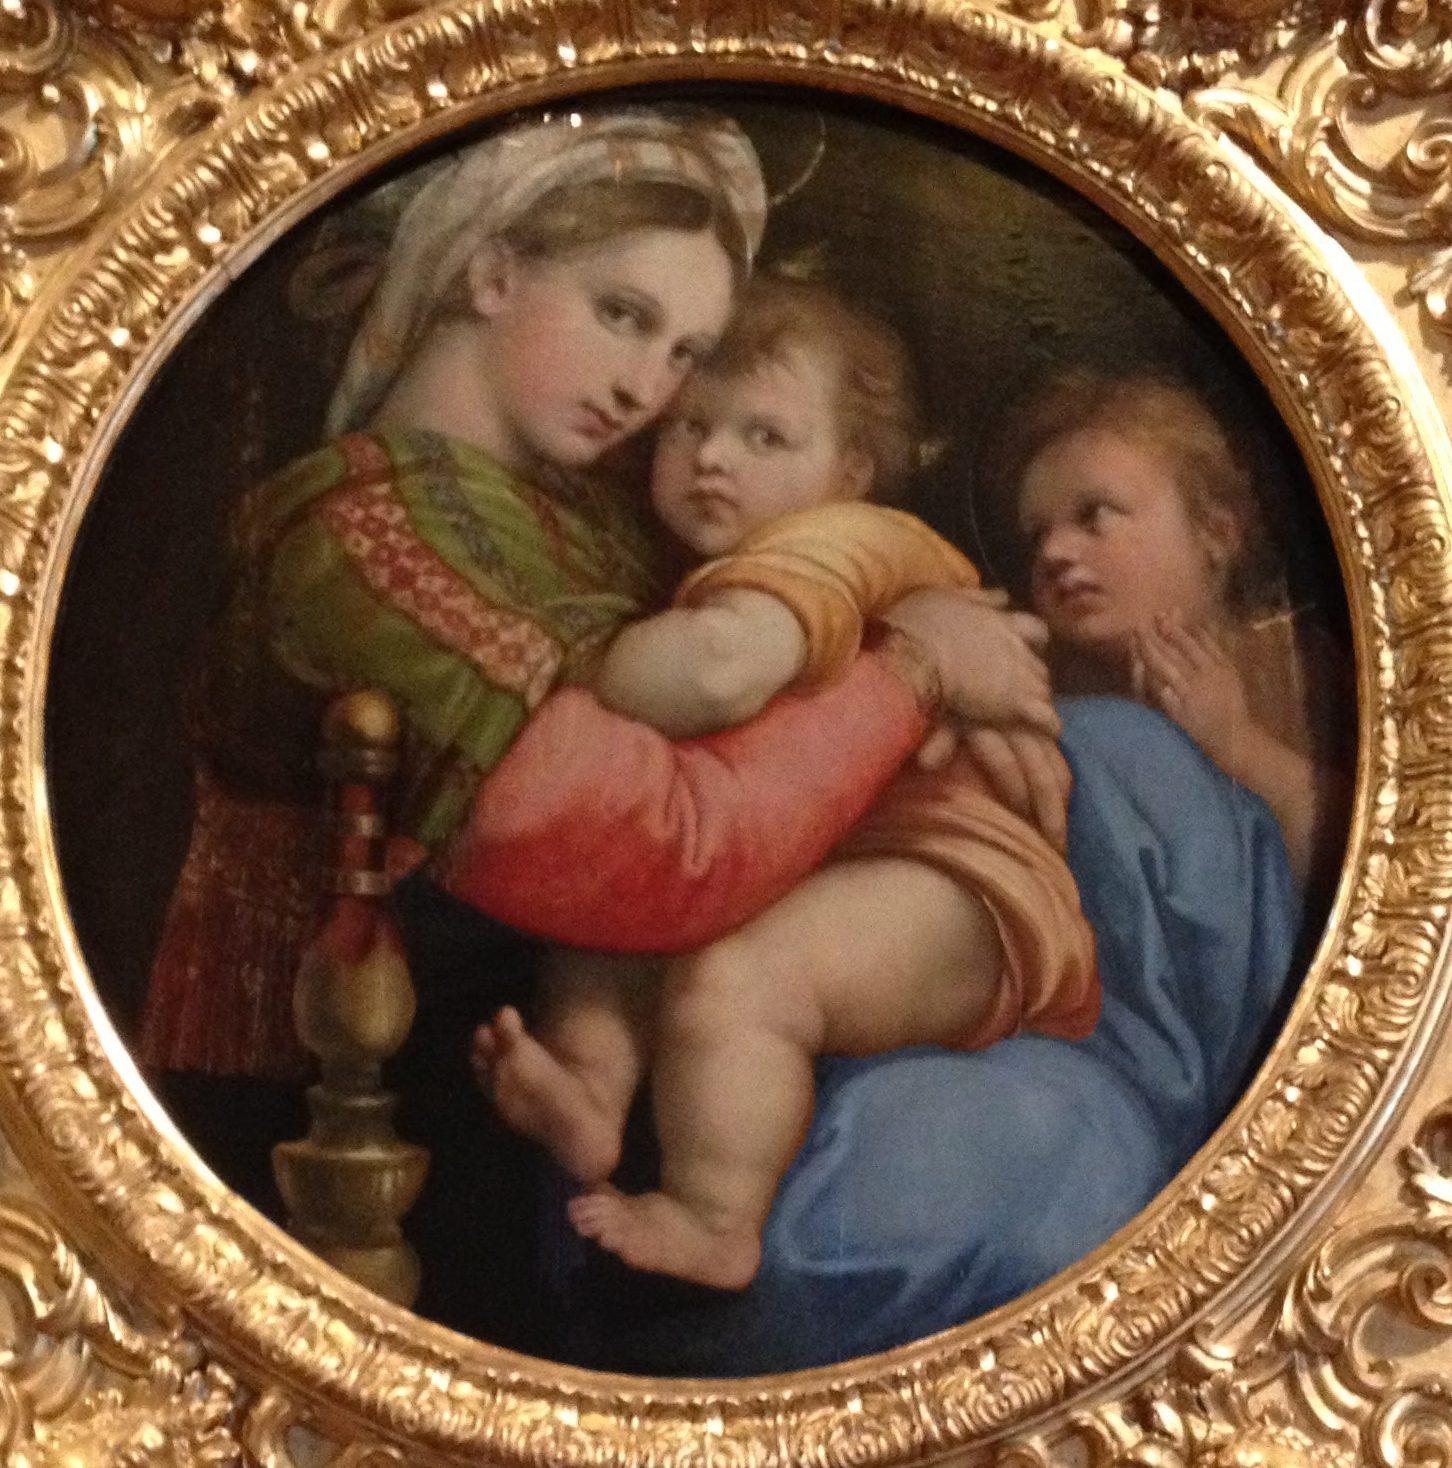 小椅子の聖母 ラファエロ・サンツィオ, 1513-14 パラティーナ美術館, フィレンツェ